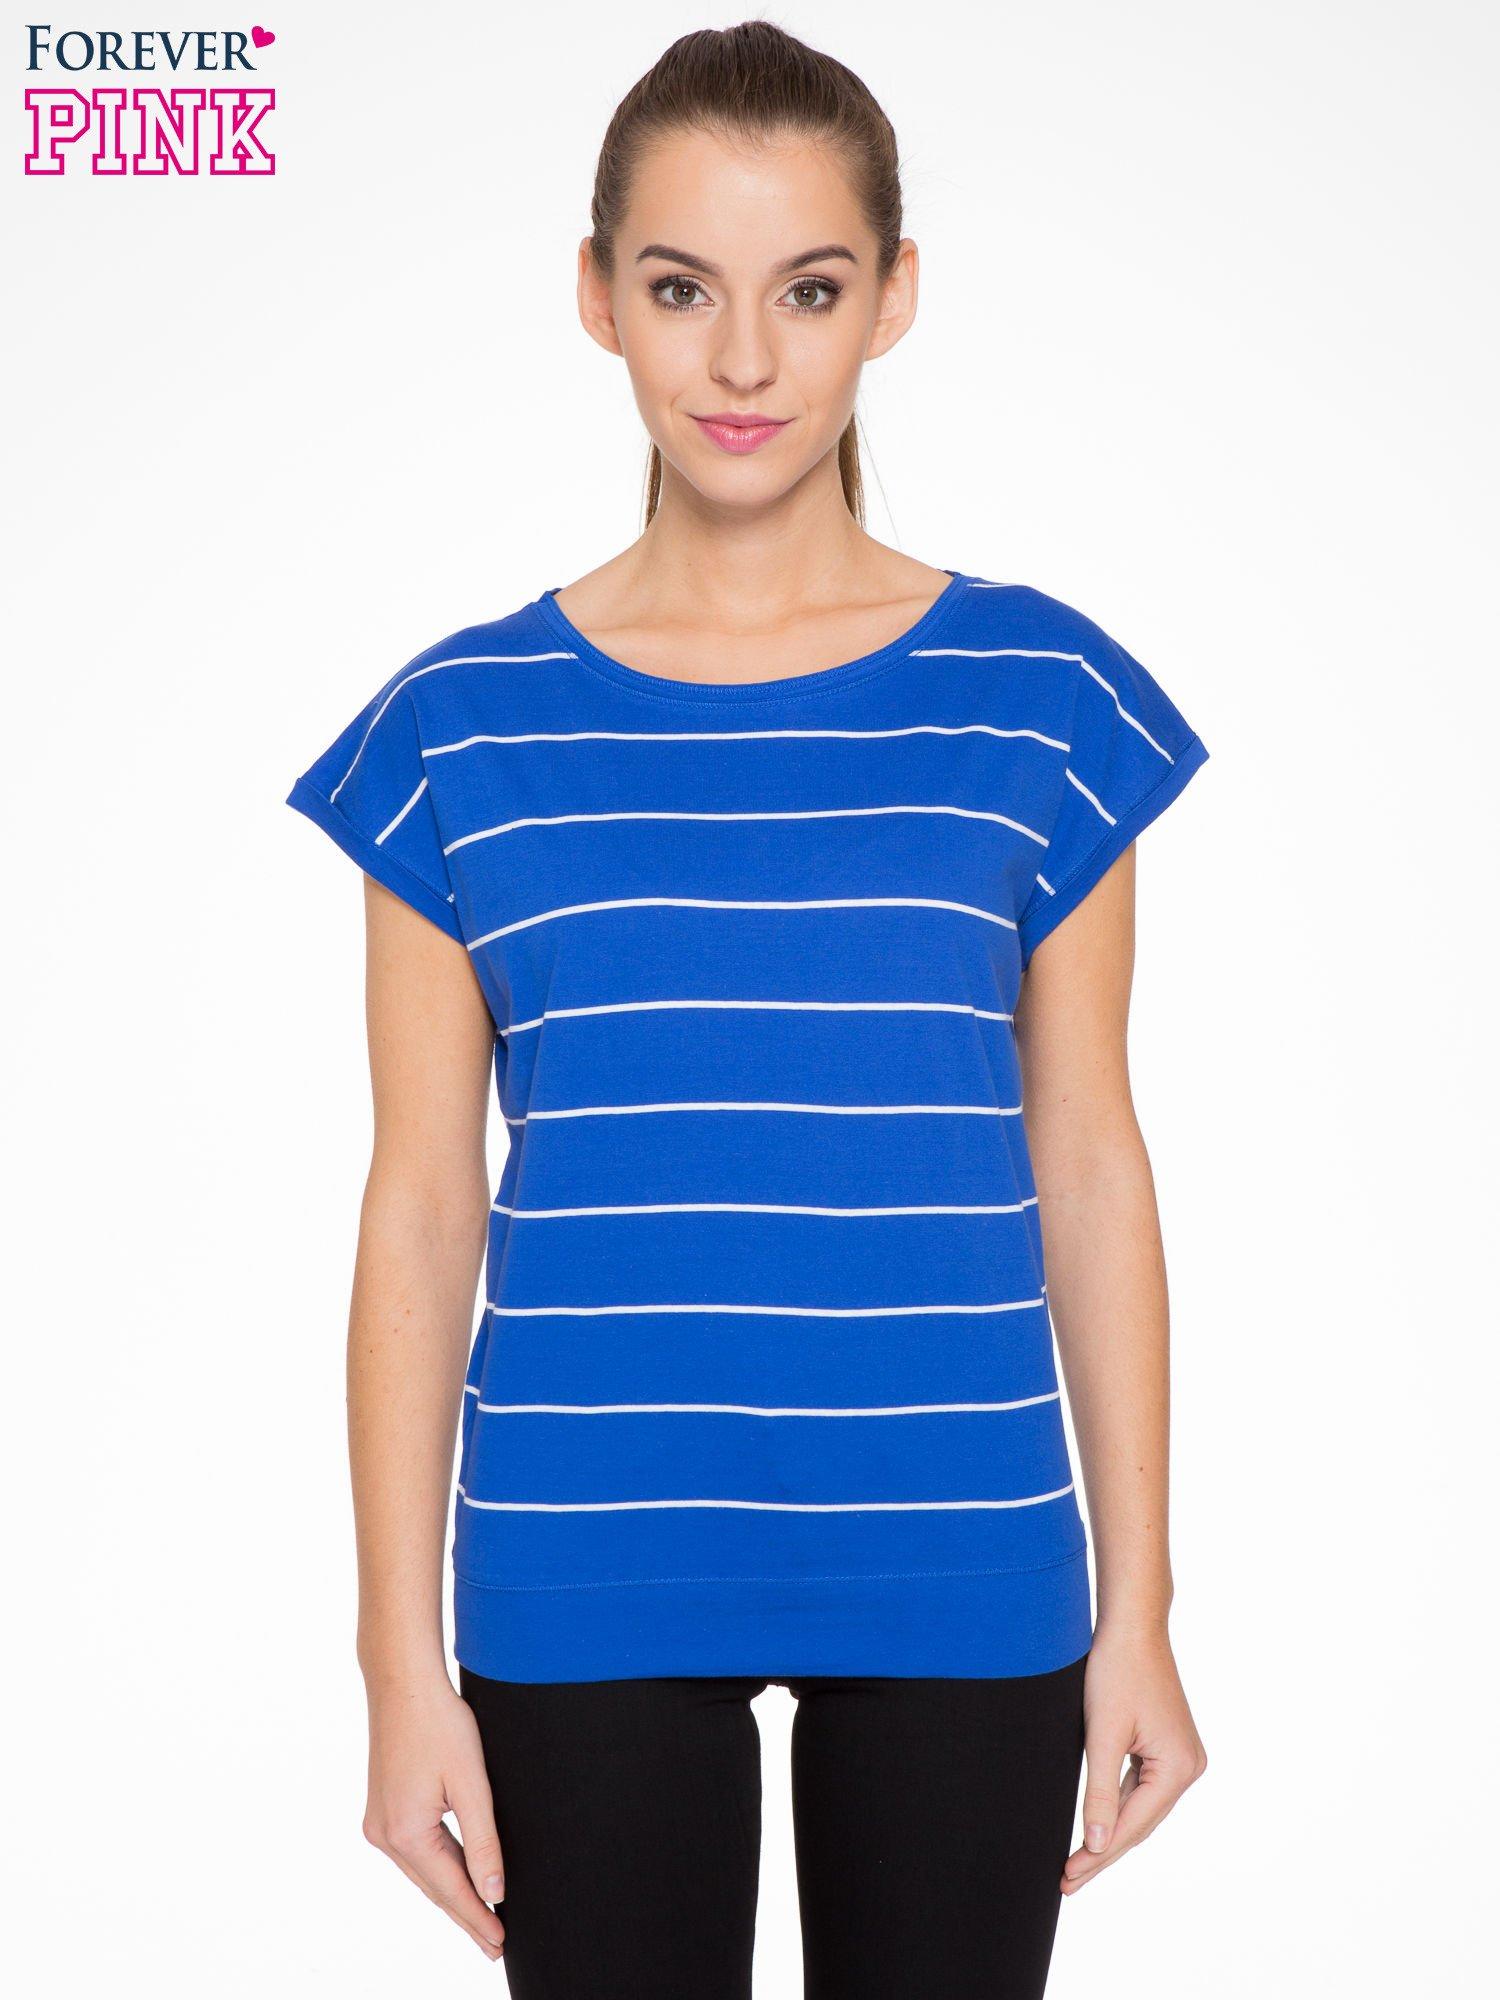 Granatowy  t-shirt w paski                                   zdj.                                  1